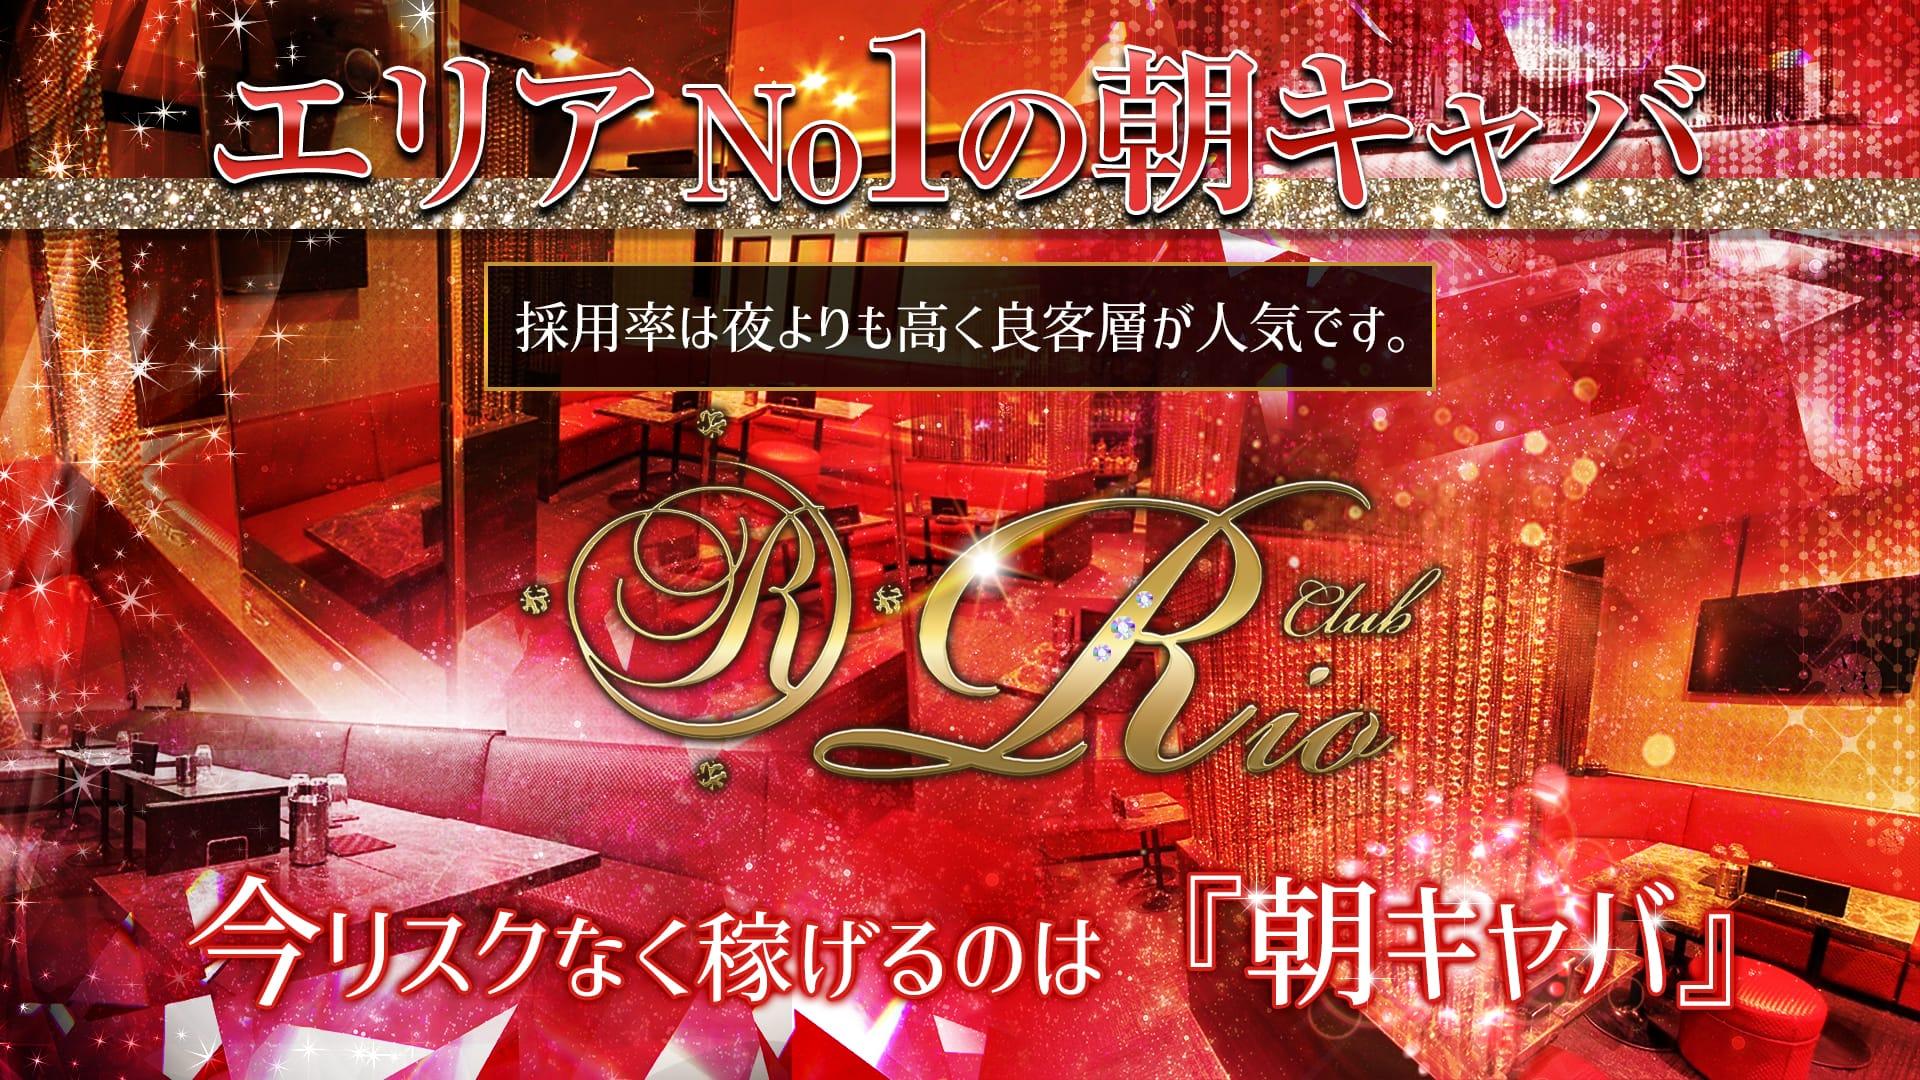 Club Rio(リオ) 下北沢昼キャバ・朝キャバ TOP画像